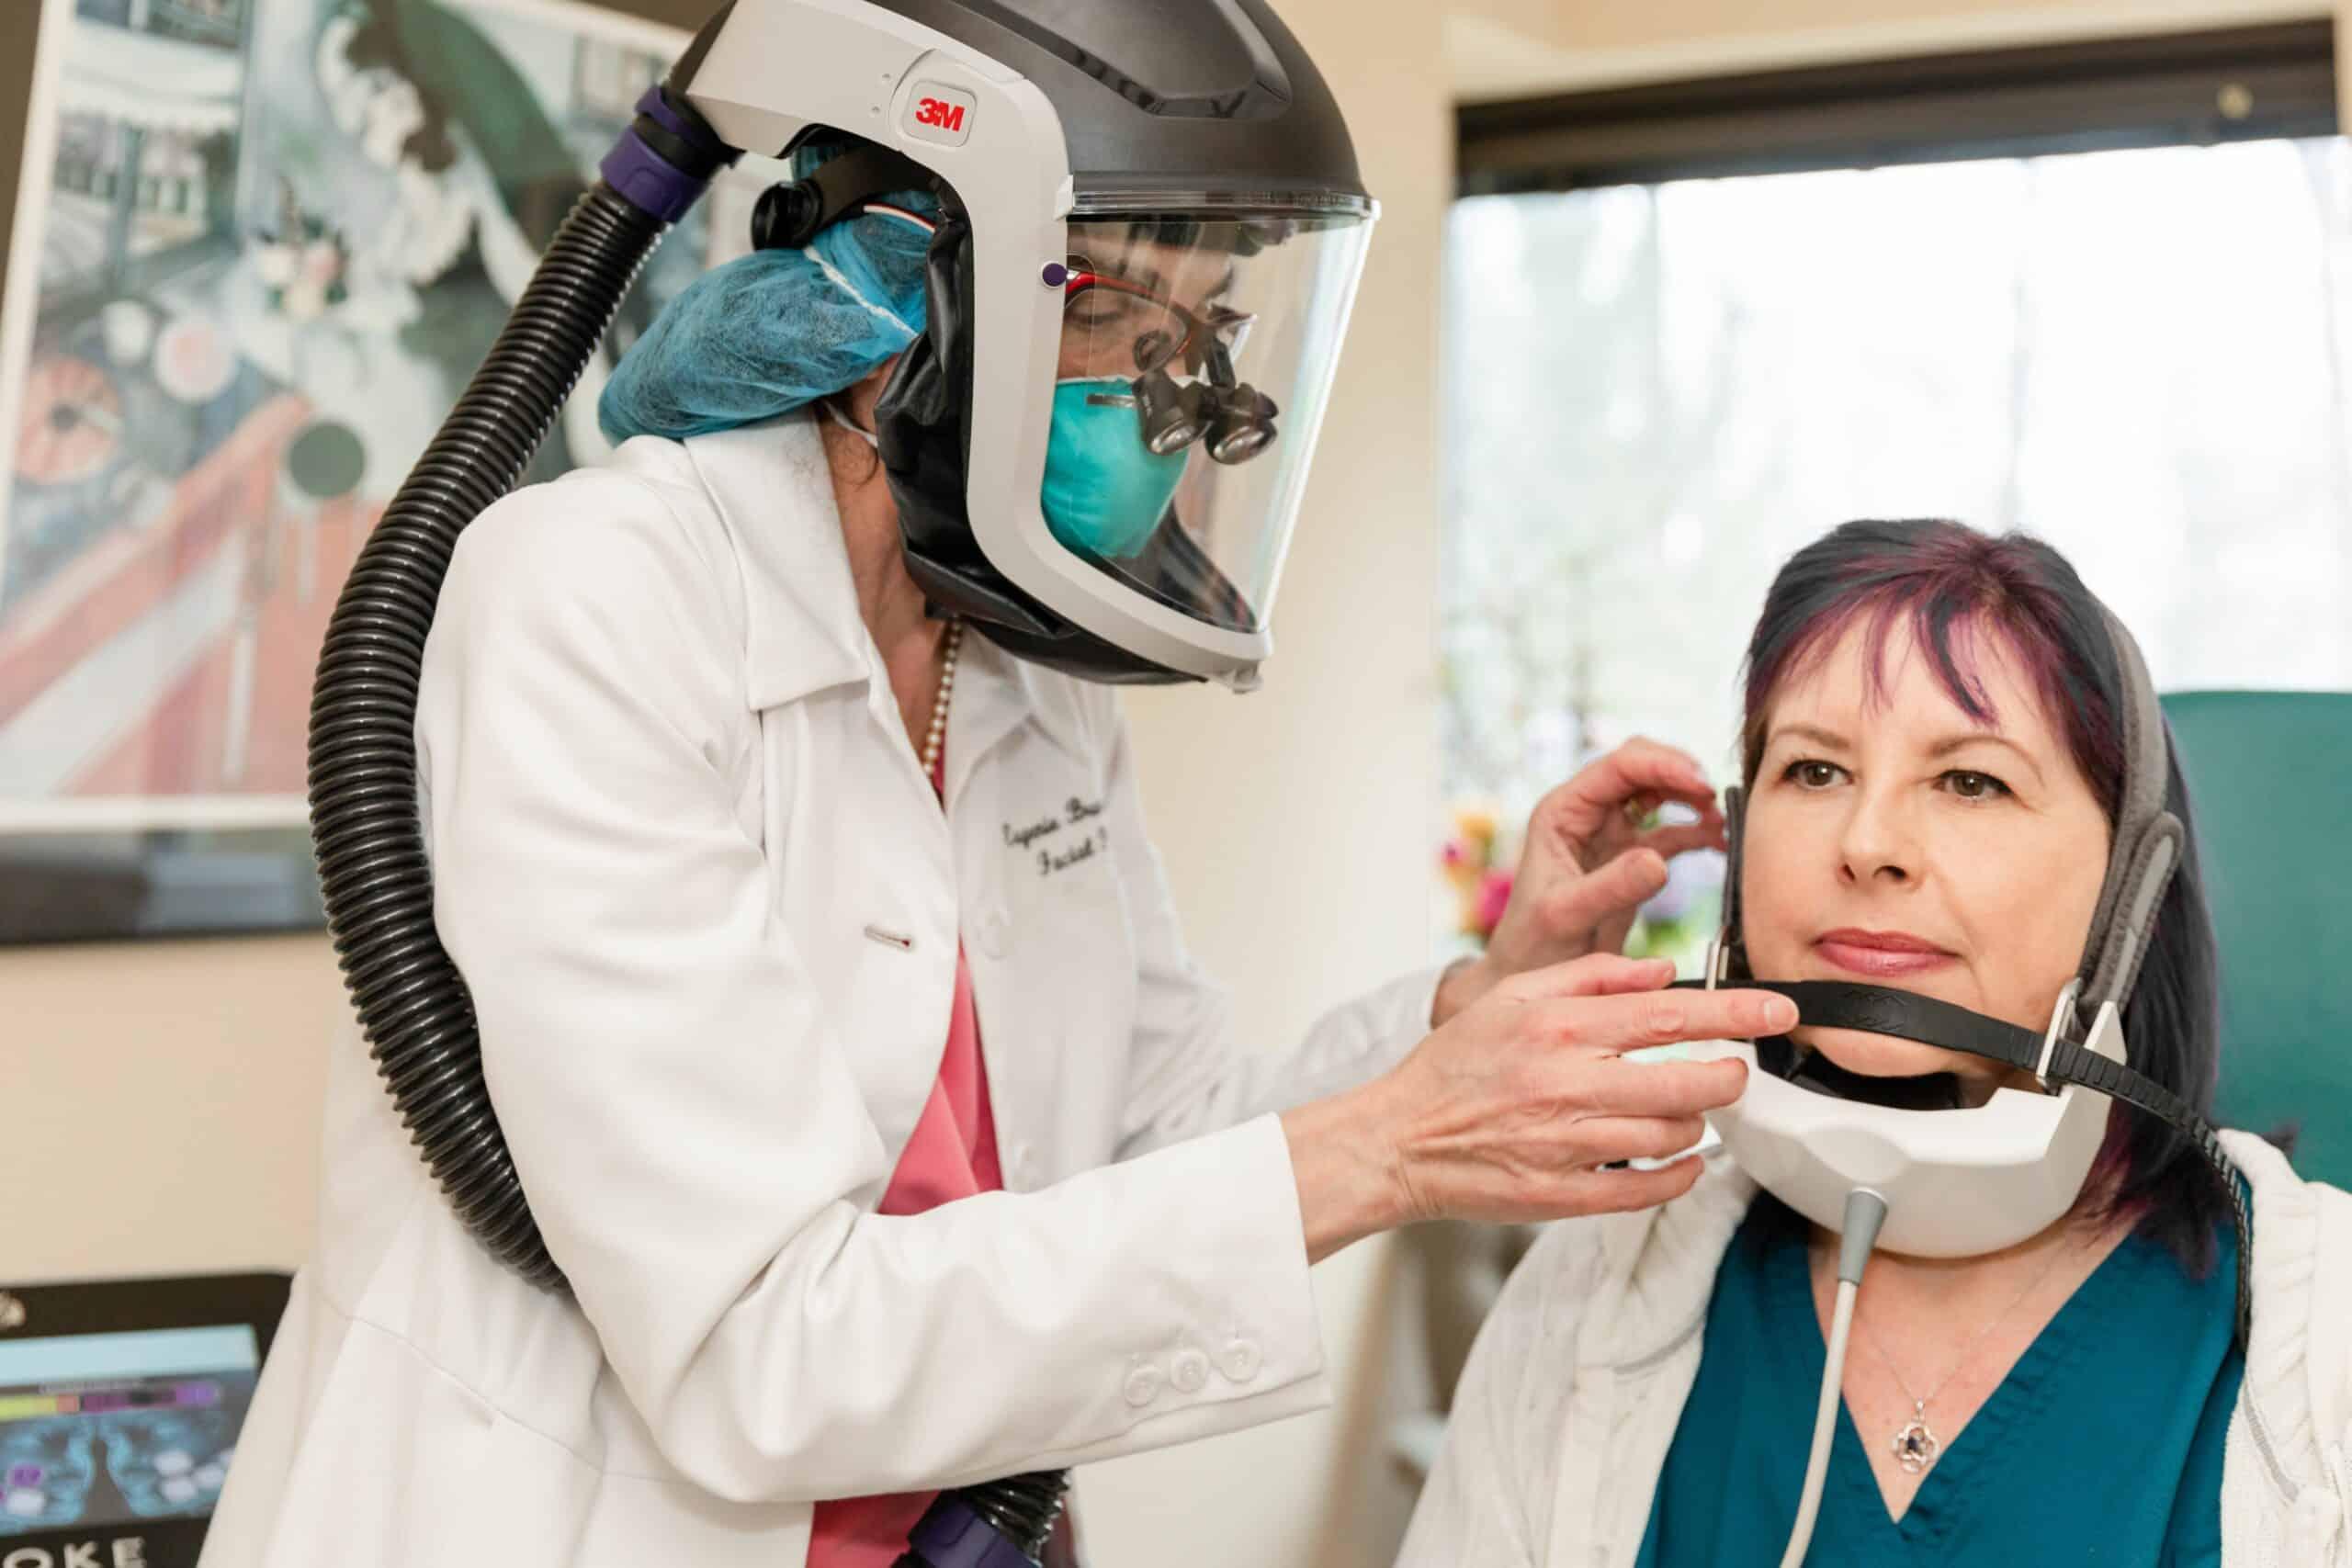 evoke facial remodeling device in princeton, nj